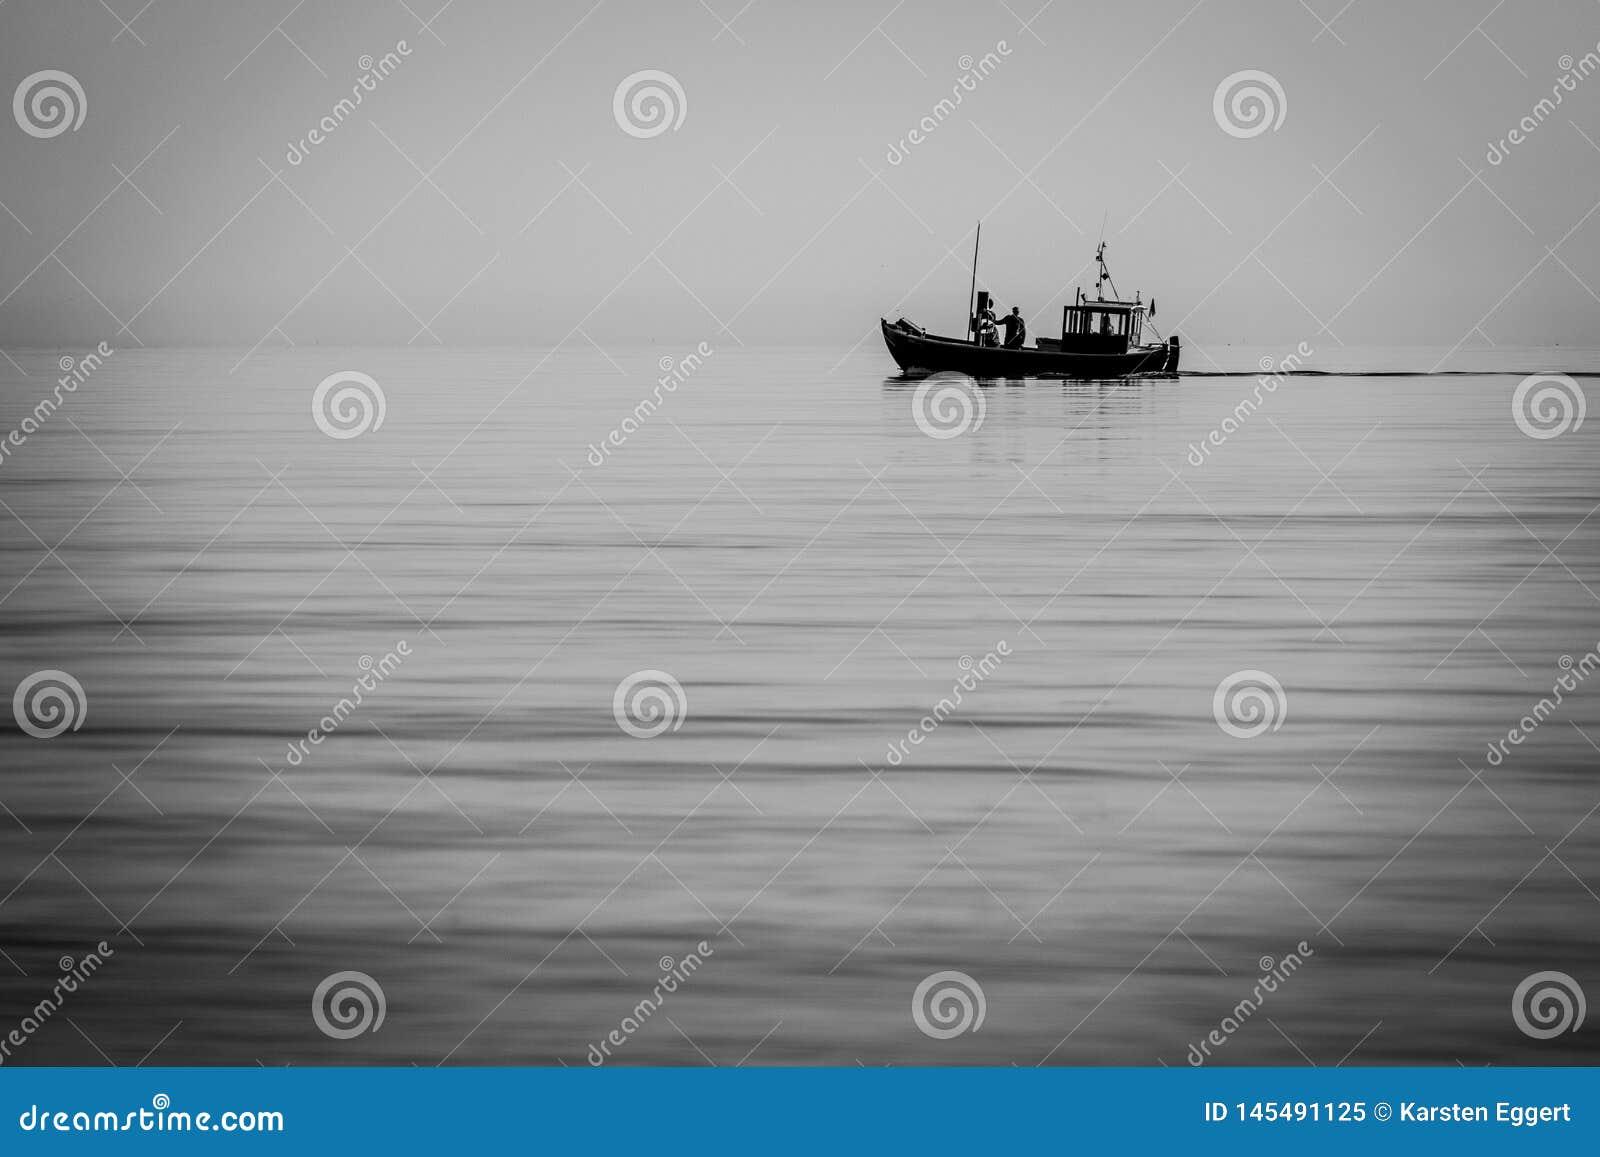 Łódź rybacka wychodzi morze wcześnie rano gdy morze jest spokojny